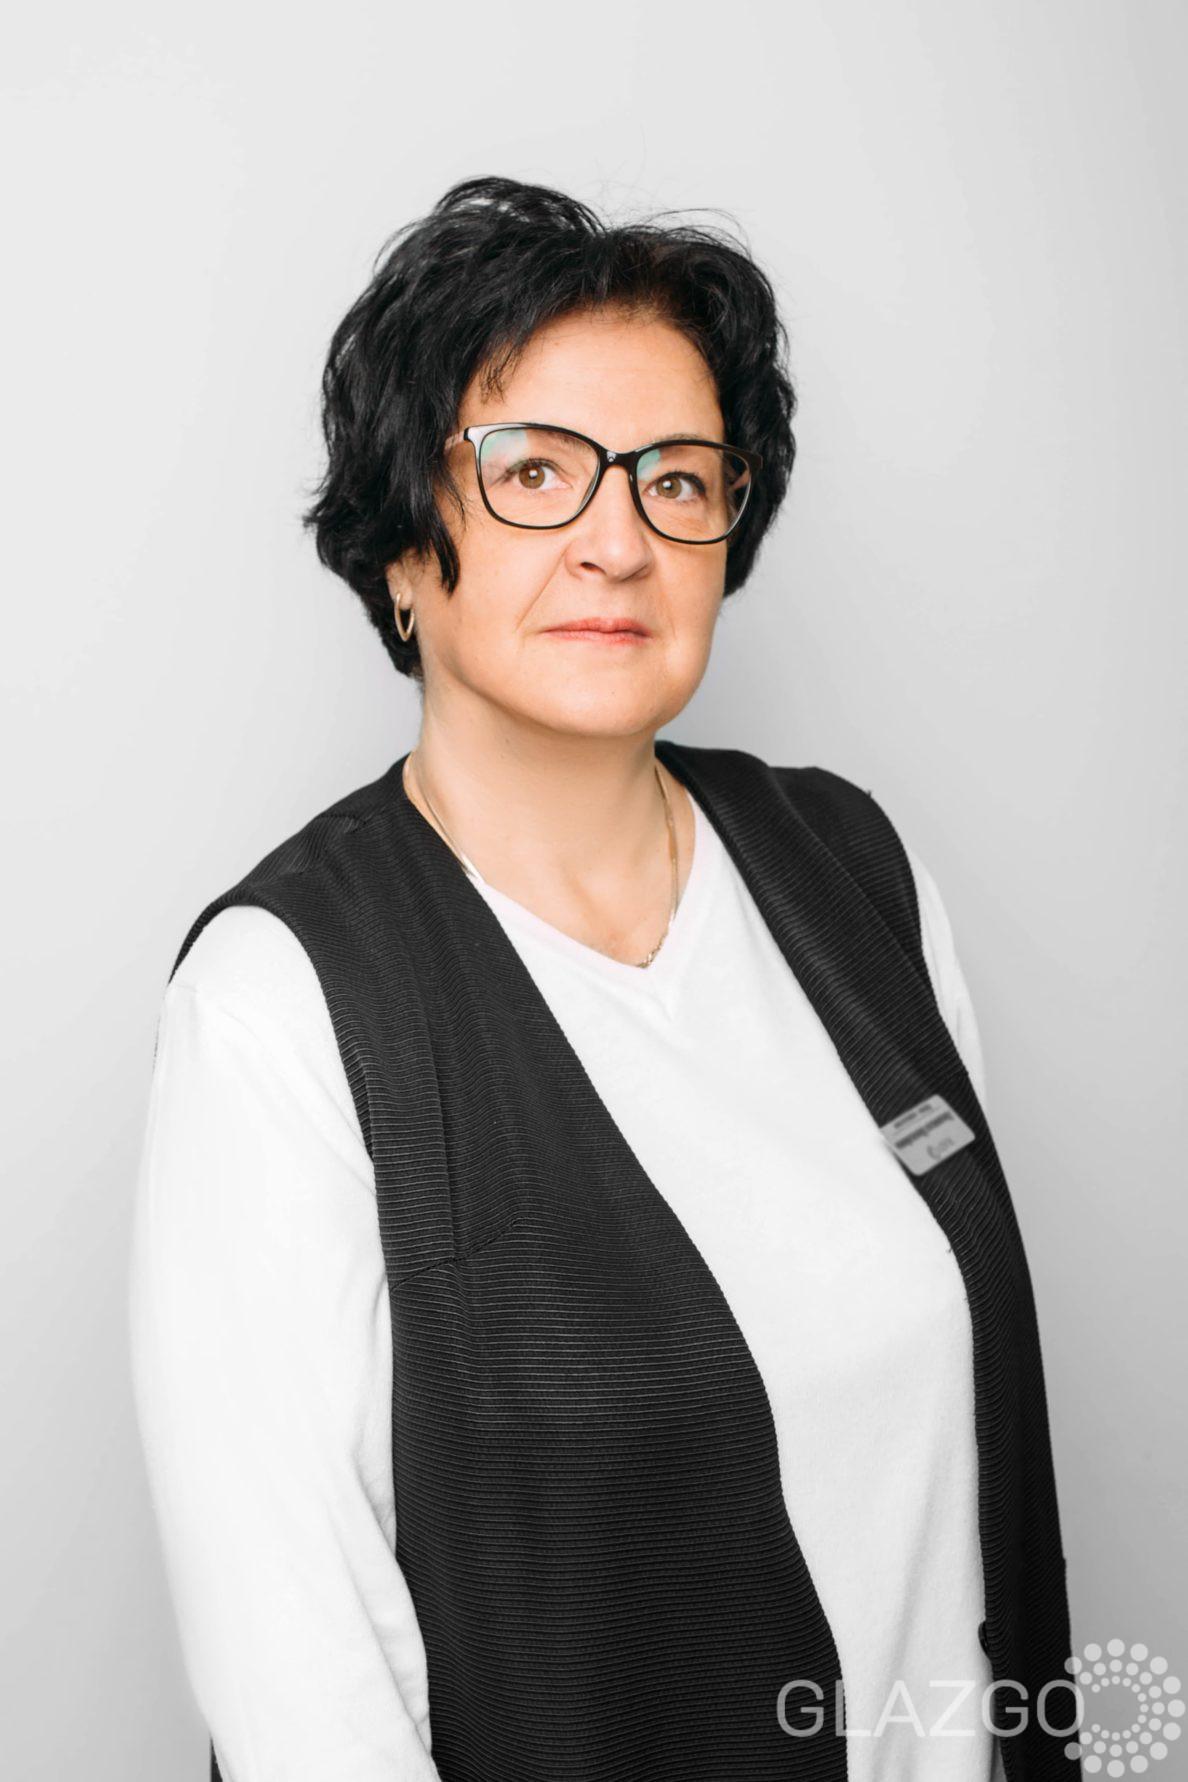 https://glazgo.com.ua/wp-content/uploads/2018/11/Kalnik-Lyudmila-Vasilevna-e1543419315221.jpg